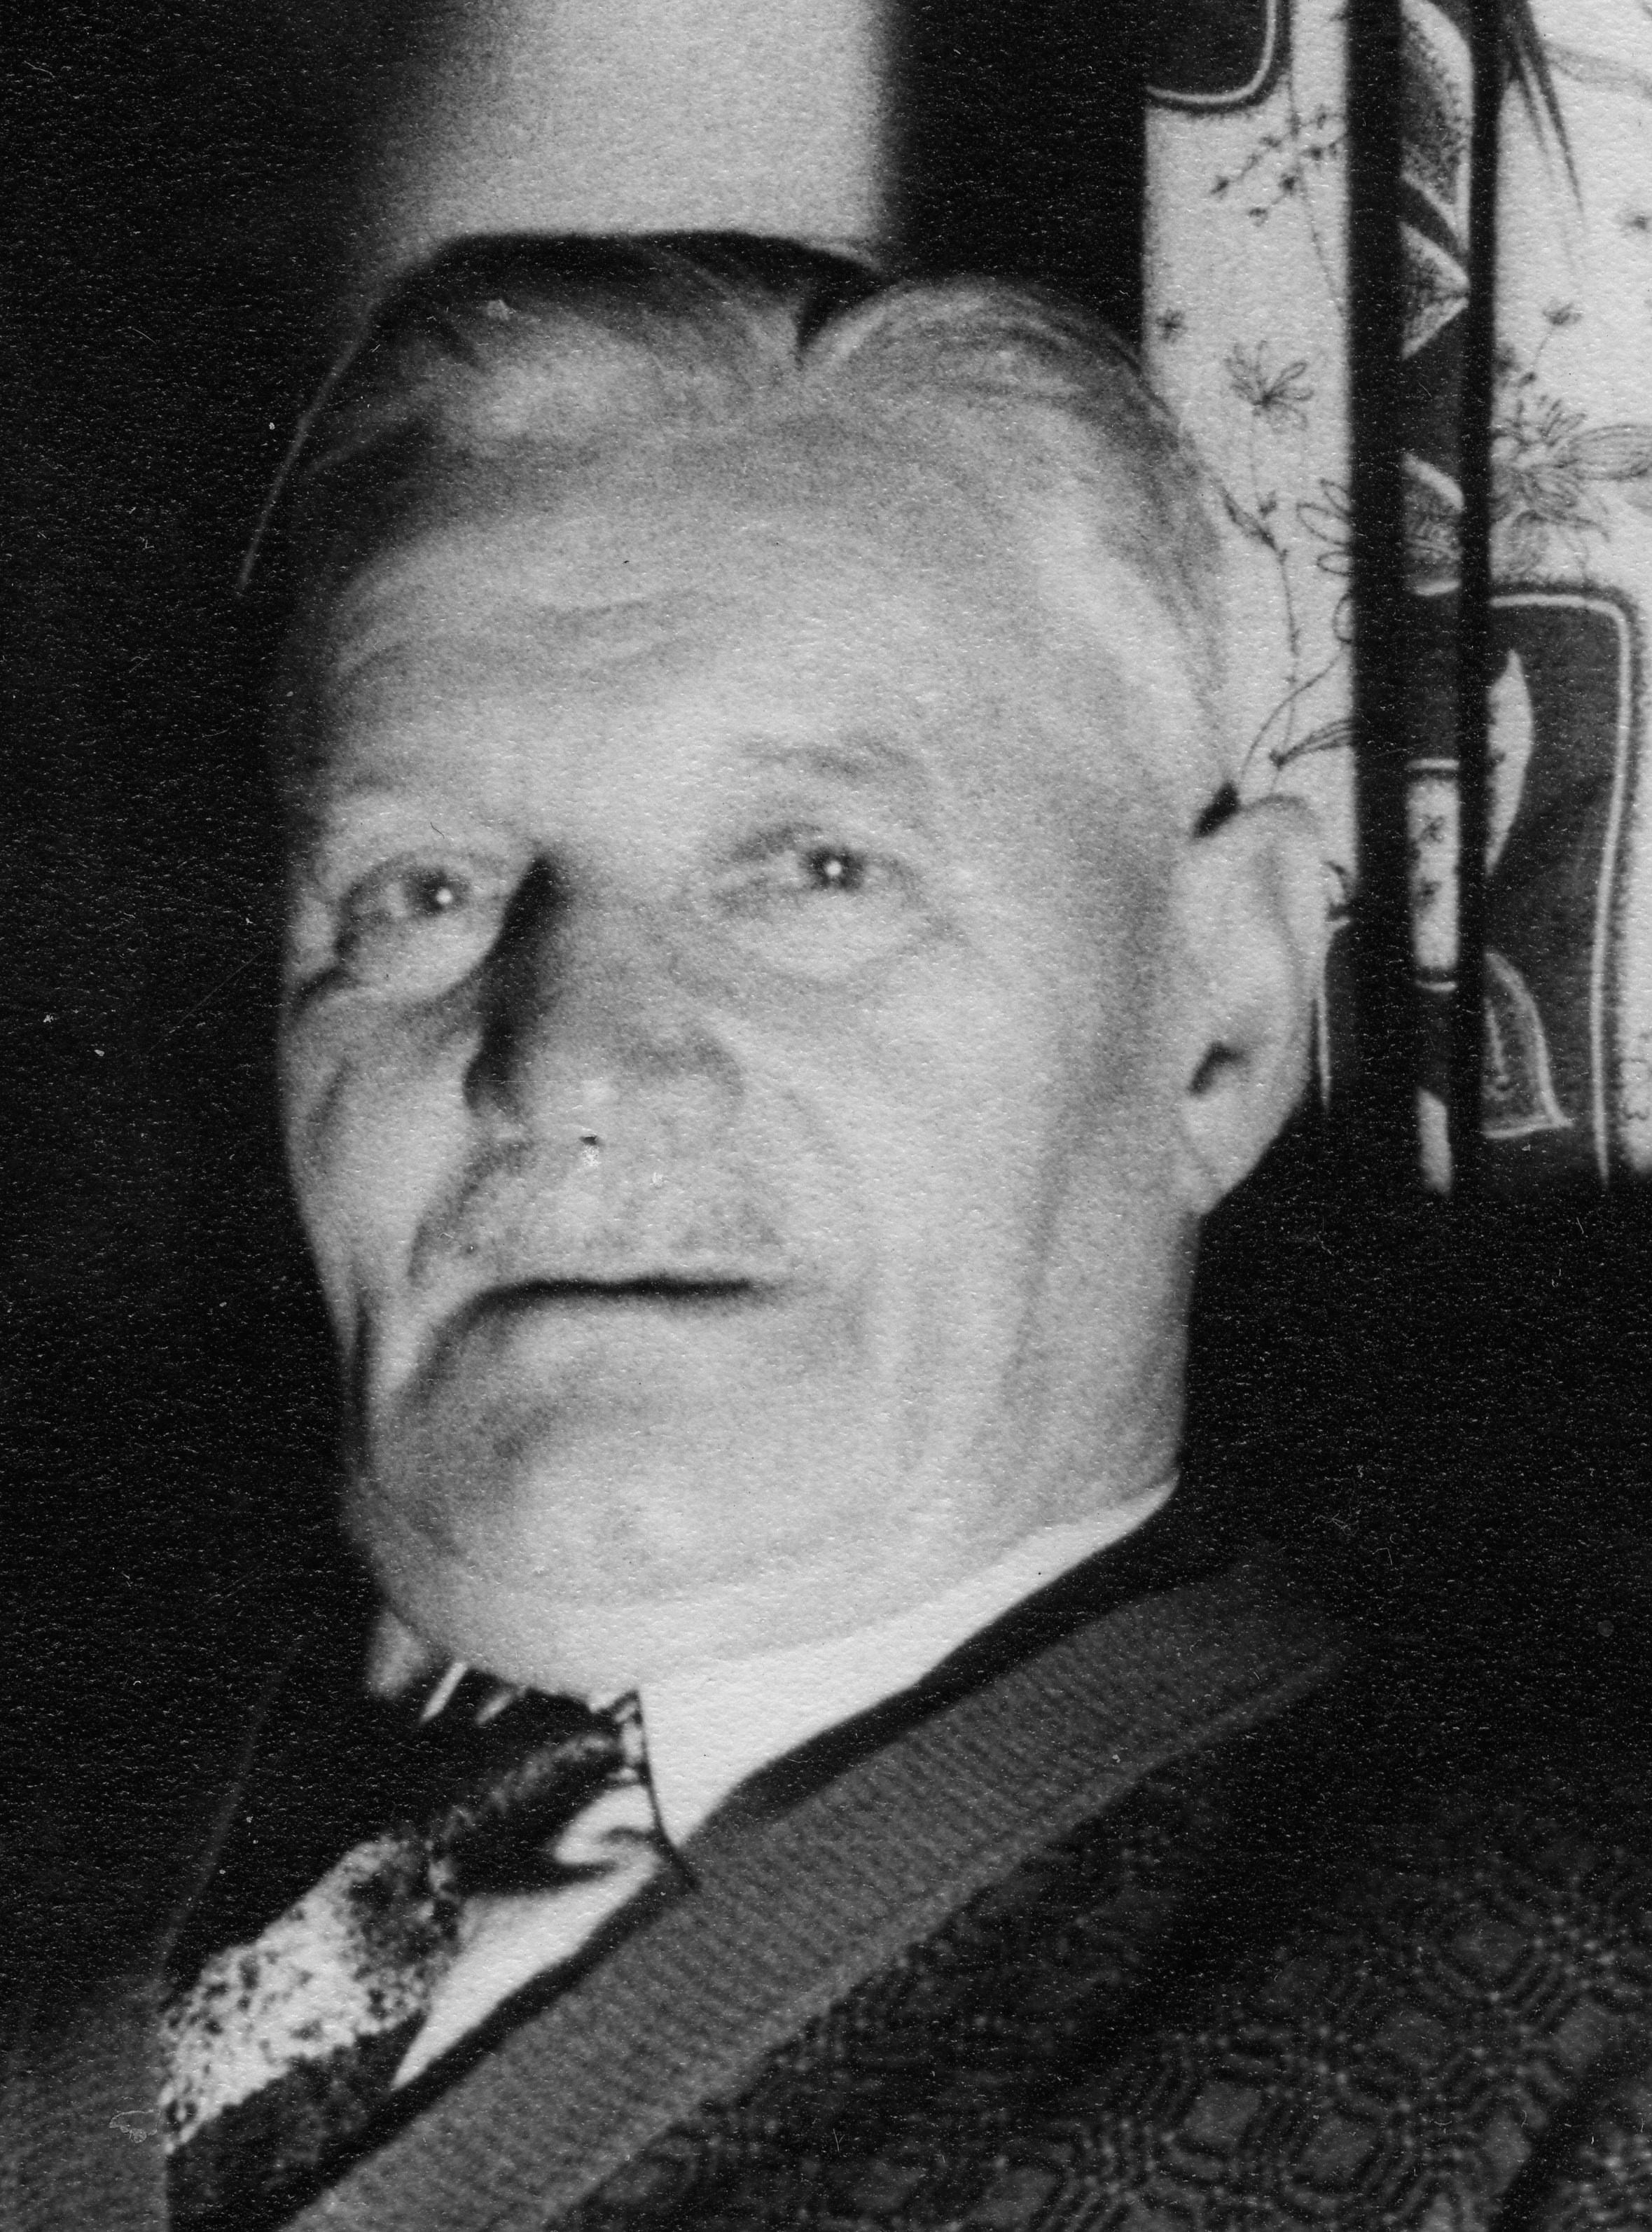 Emanuel Pettersson